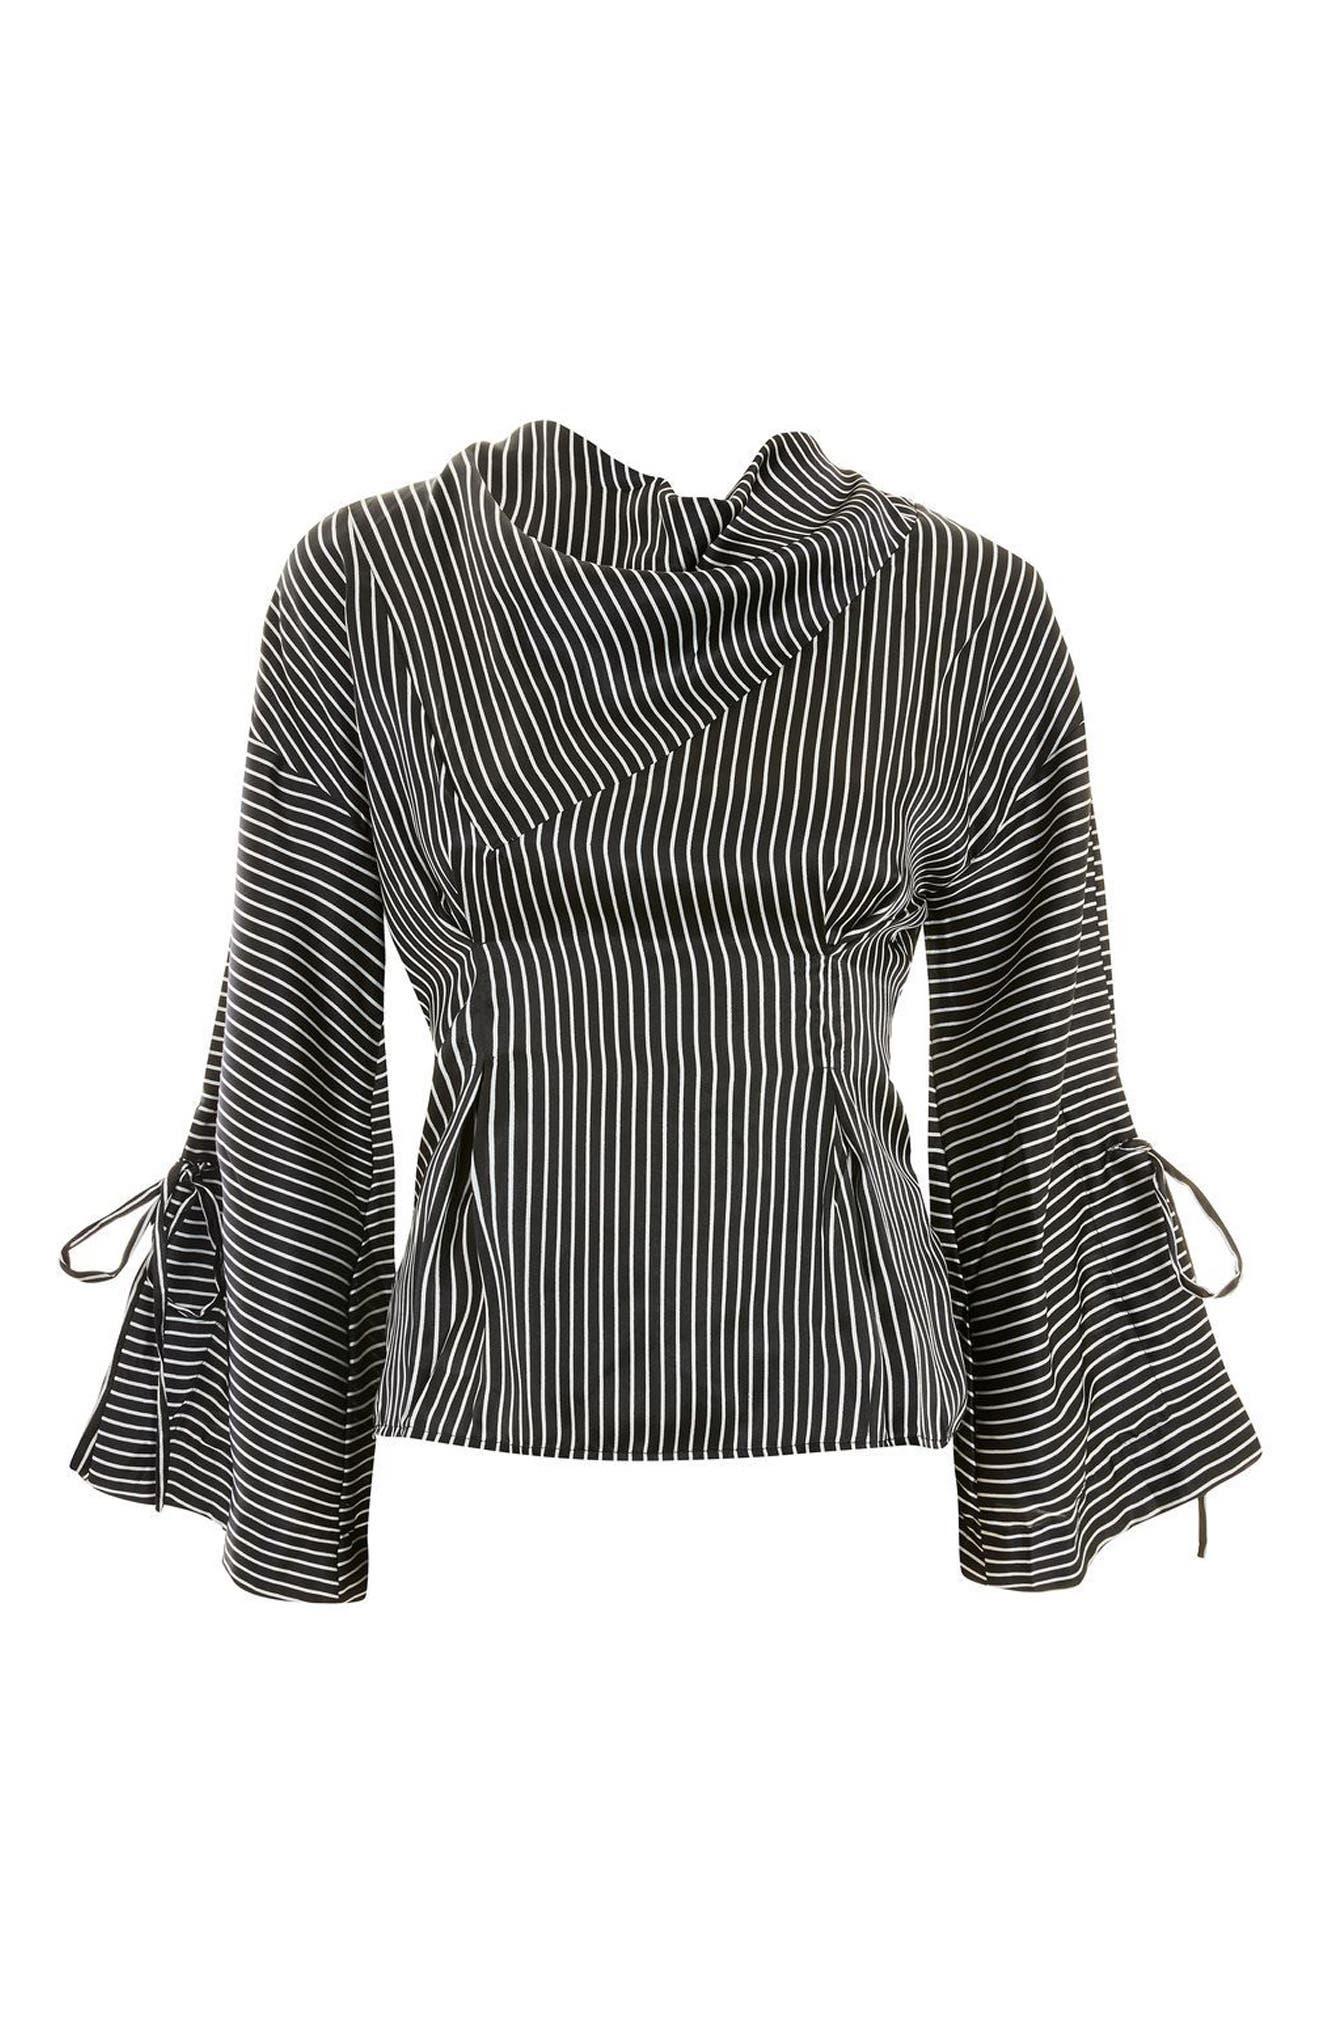 Drape Neck Twisted Stripe Blouse,                             Alternate thumbnail 4, color,                             Black Multi